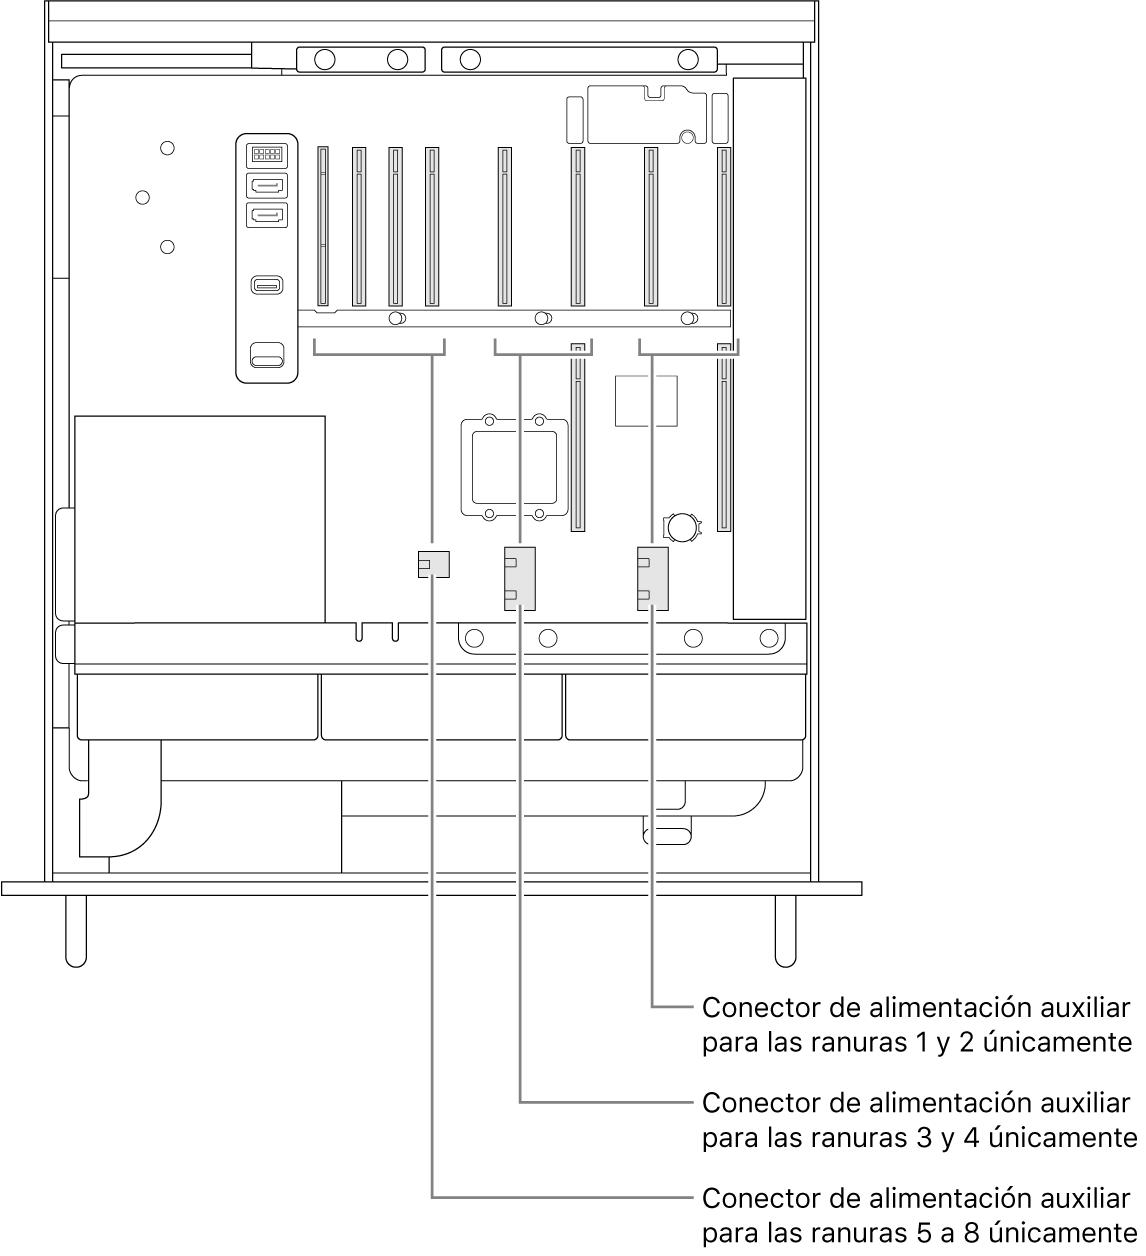 Vista lateral de la Mac Pro abierta con indicaciones mostrando ranuras con sus conectores de alimentación auxiliares correspondientes.